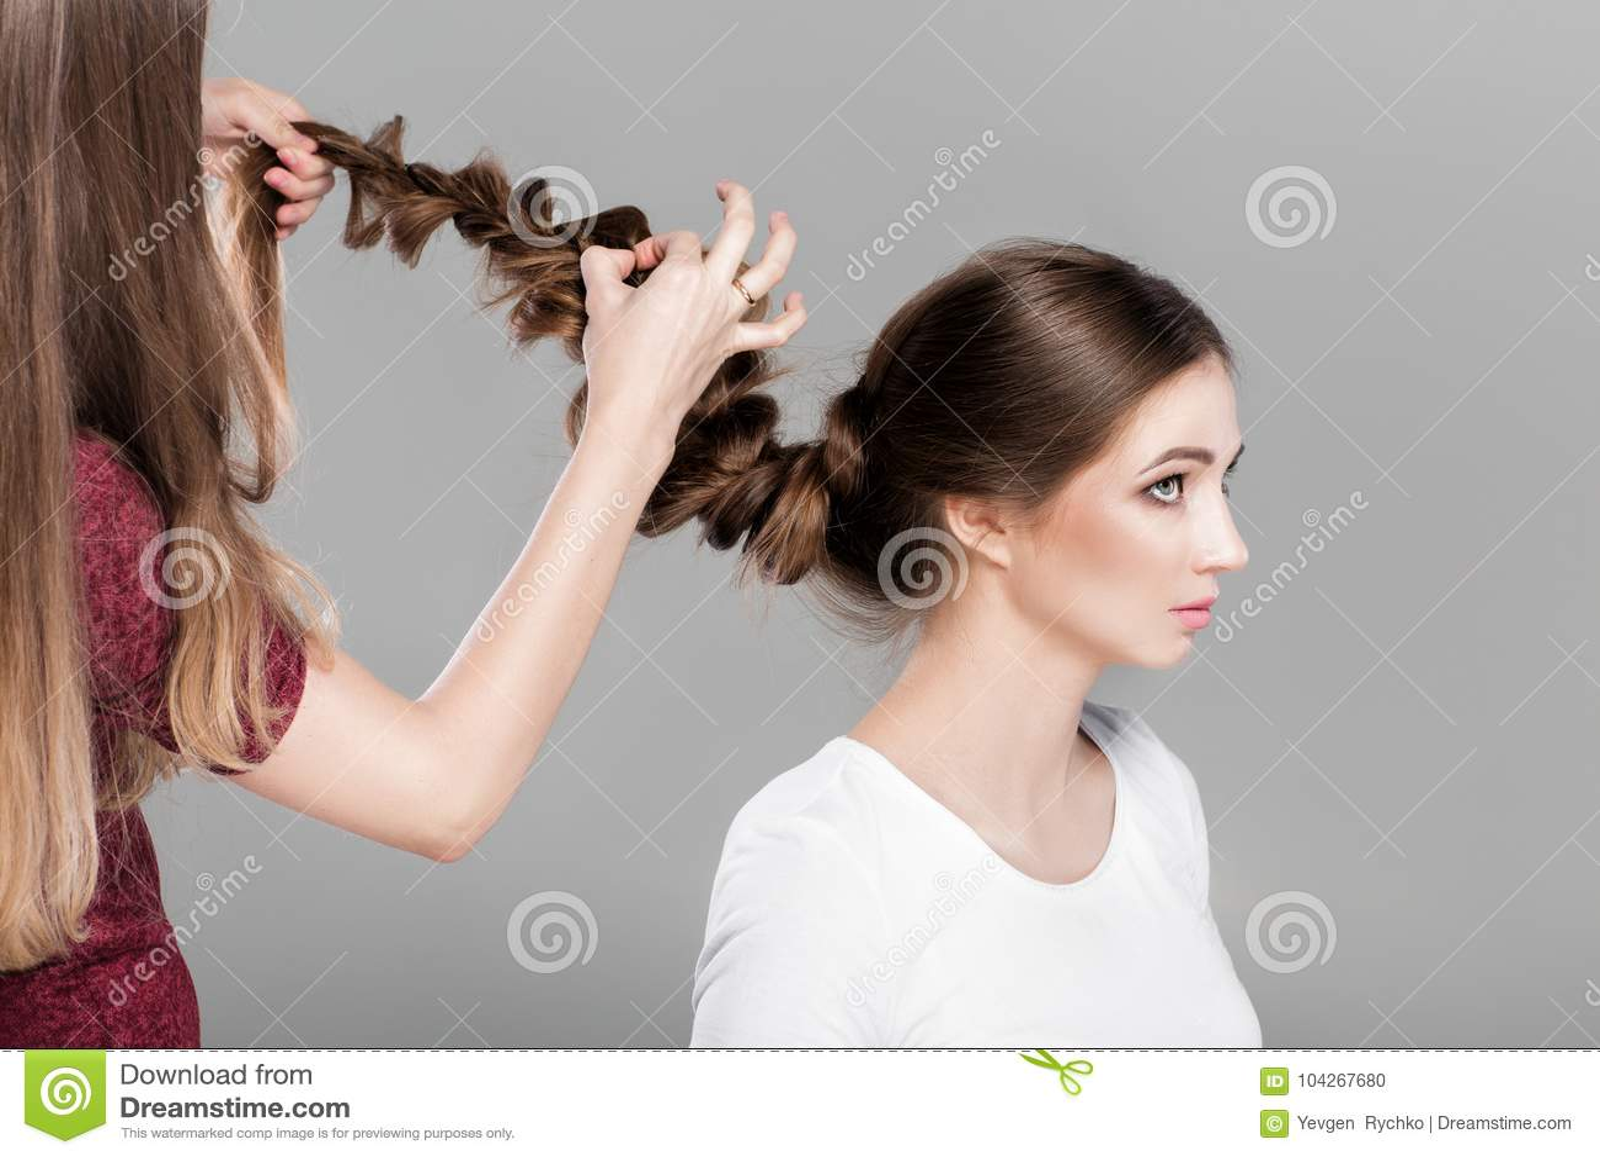 Coiffure femme avec des tresses